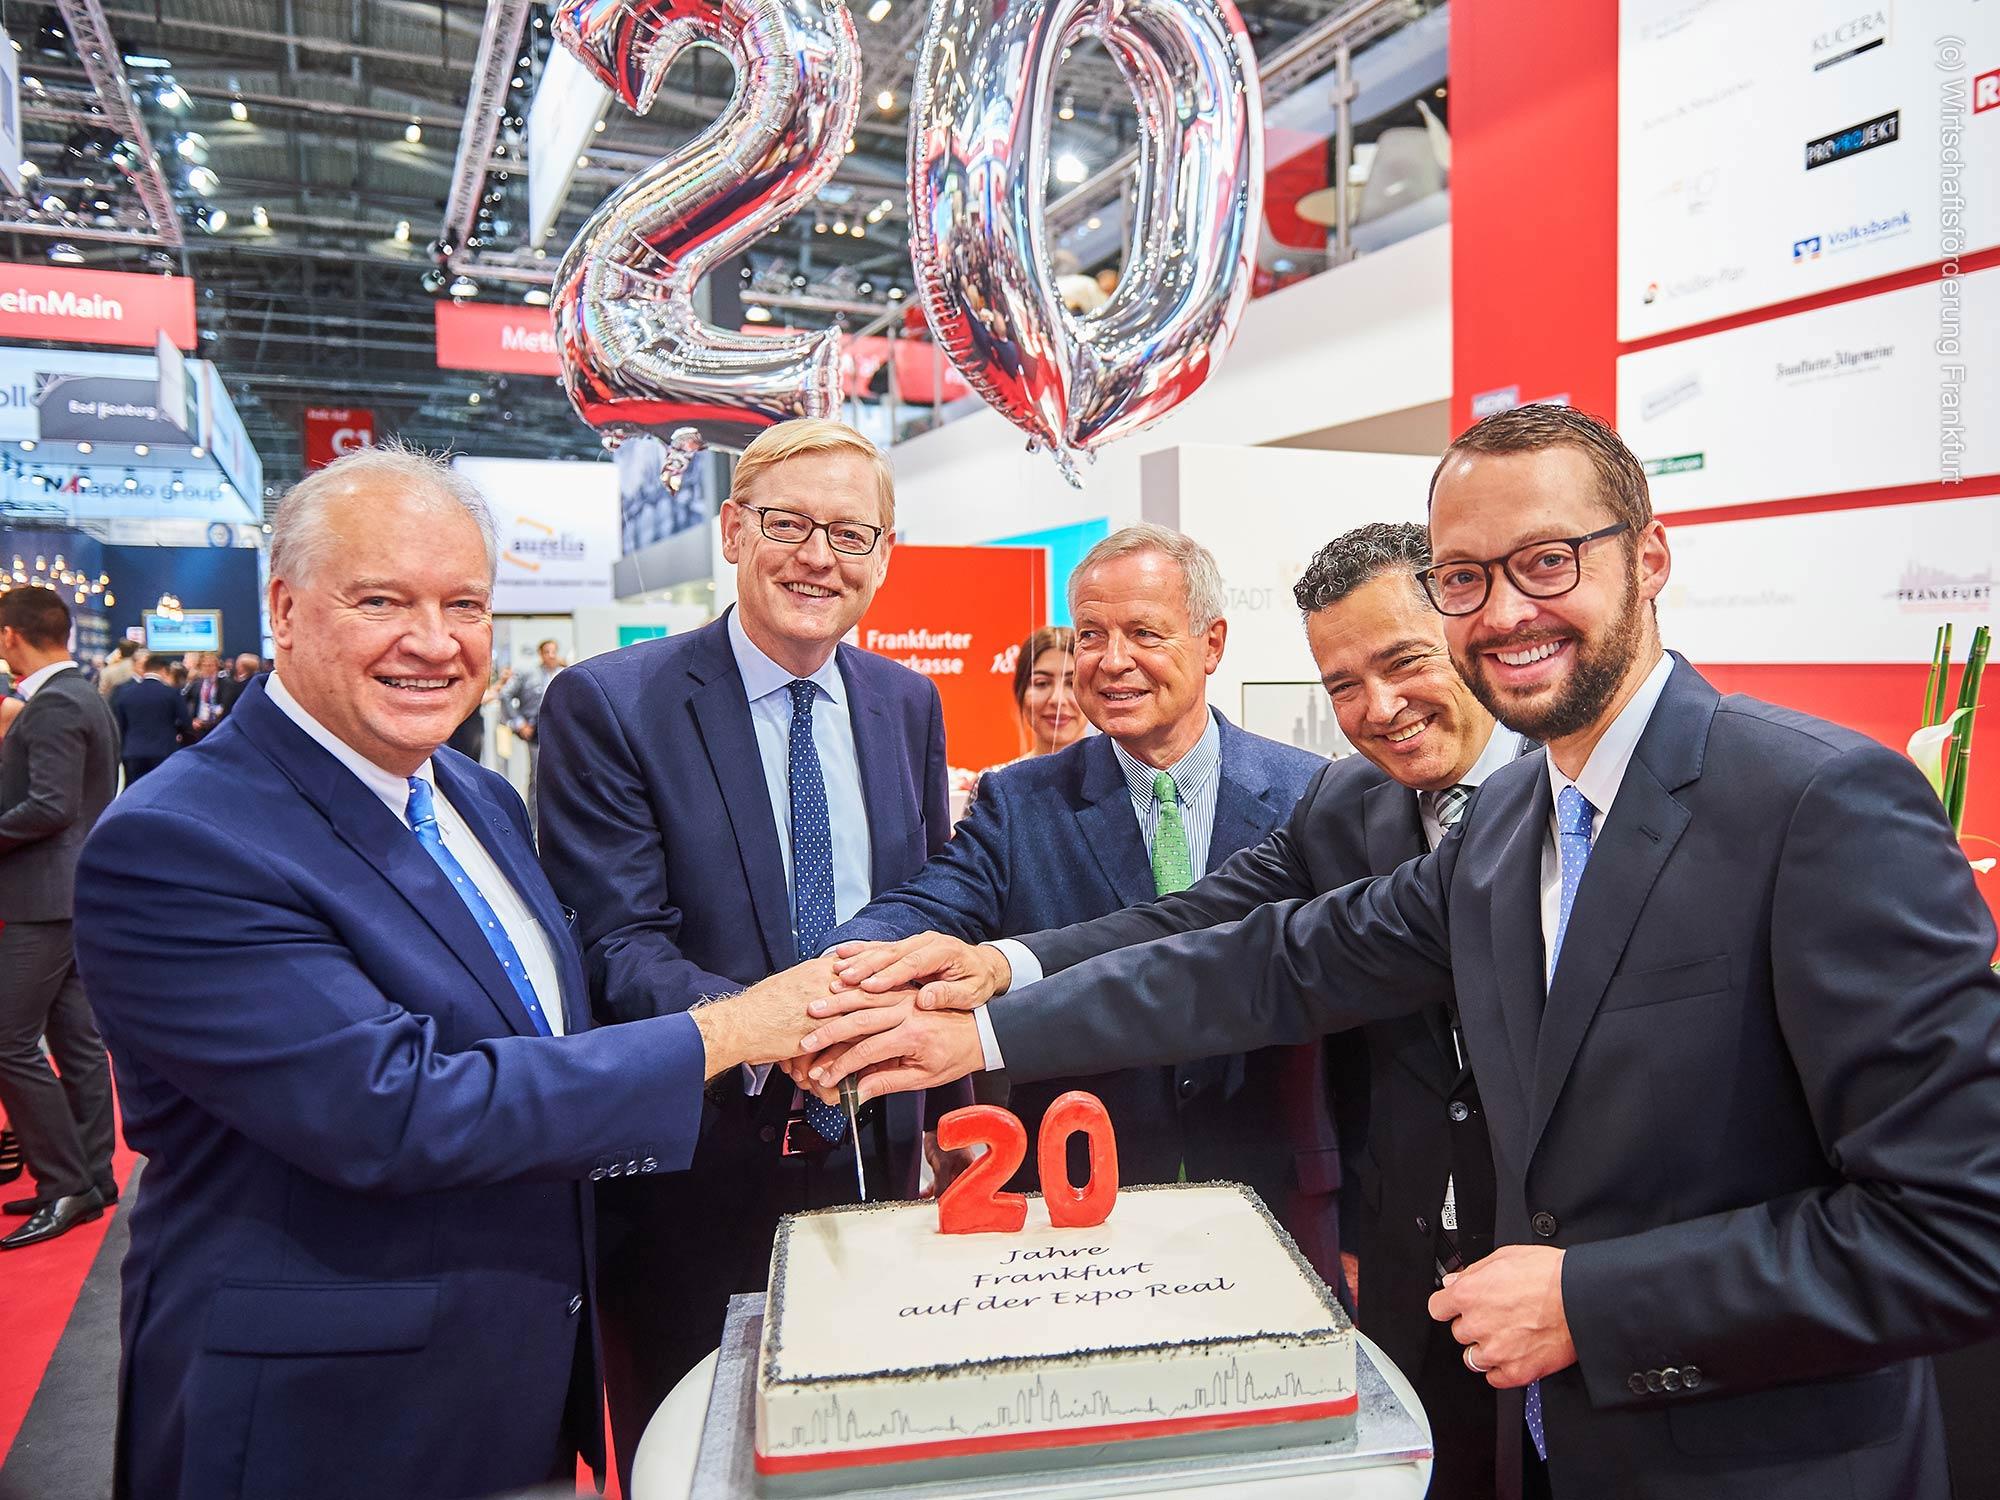 20 Jahre EXPO REAL - Wirtschaftsförderung FFM feiert mit Politikern auf der EXPO REAL den Stand für Frankfurt und das Rhein-Main-Gebiet